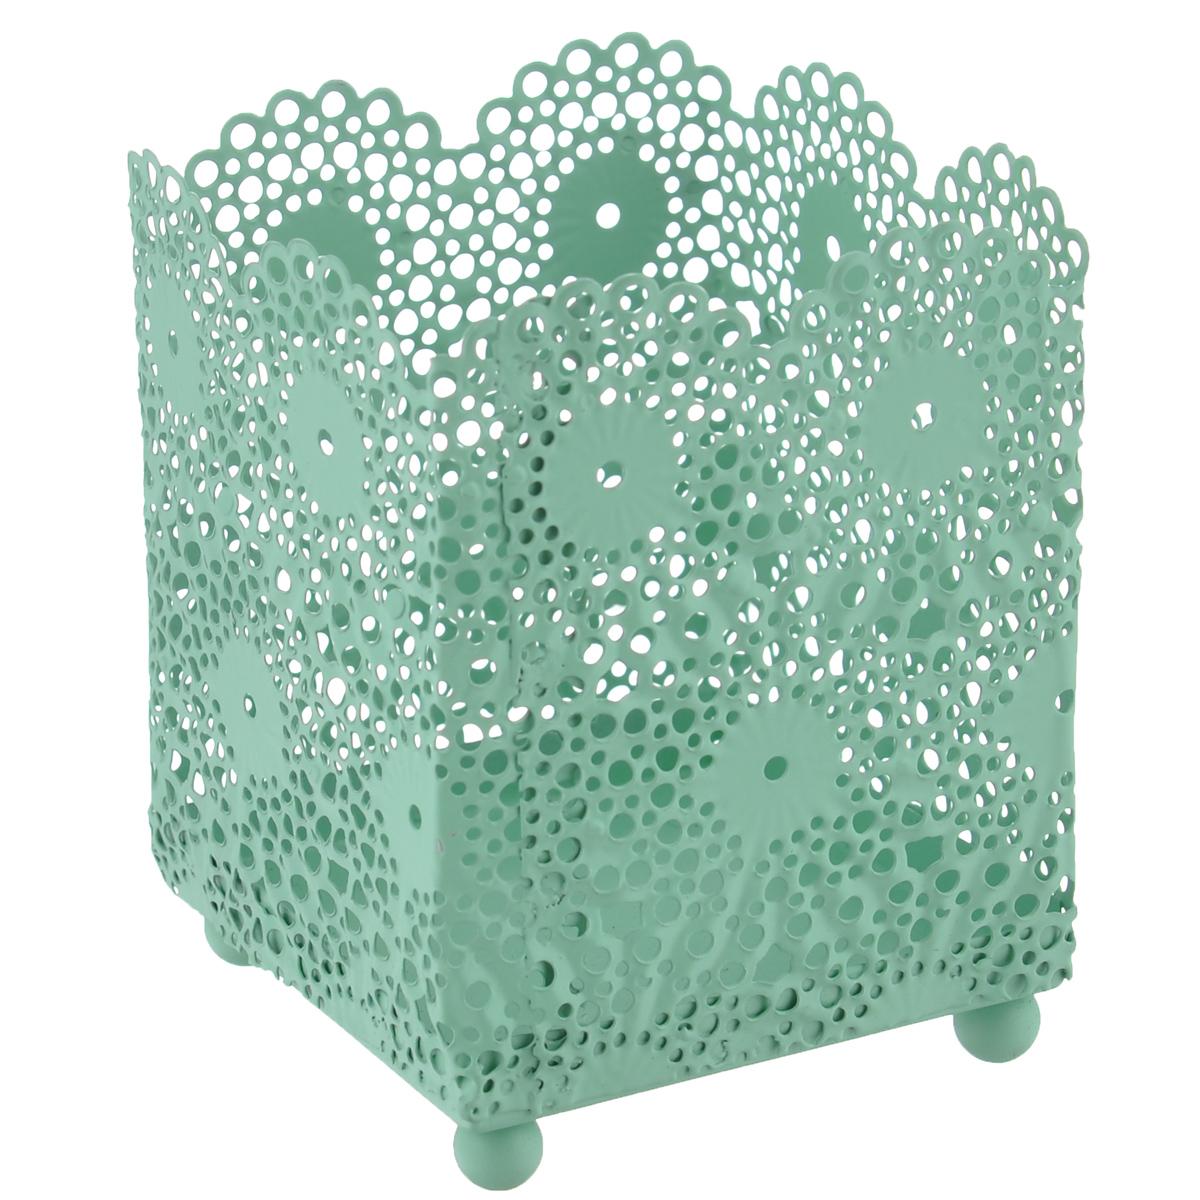 Подсвечник Blossom Line Кружево, цвет: мятный, 6,5 х 6,5 х 8,5 смBL0070113Оригинальный подсвечник Blossom Line Кружево изготовлен из металла и оформлен перфорацией в виде кружева. Благодаря чему в комнате при горении свечи будет создаваться особое завораживающее мерцание. Вы можете поставить подсвечник в любом понравившемся вам месте. Размер подсвечника: 6,5 см х 6,5 см. Высота подсвечника: 8,5 см.